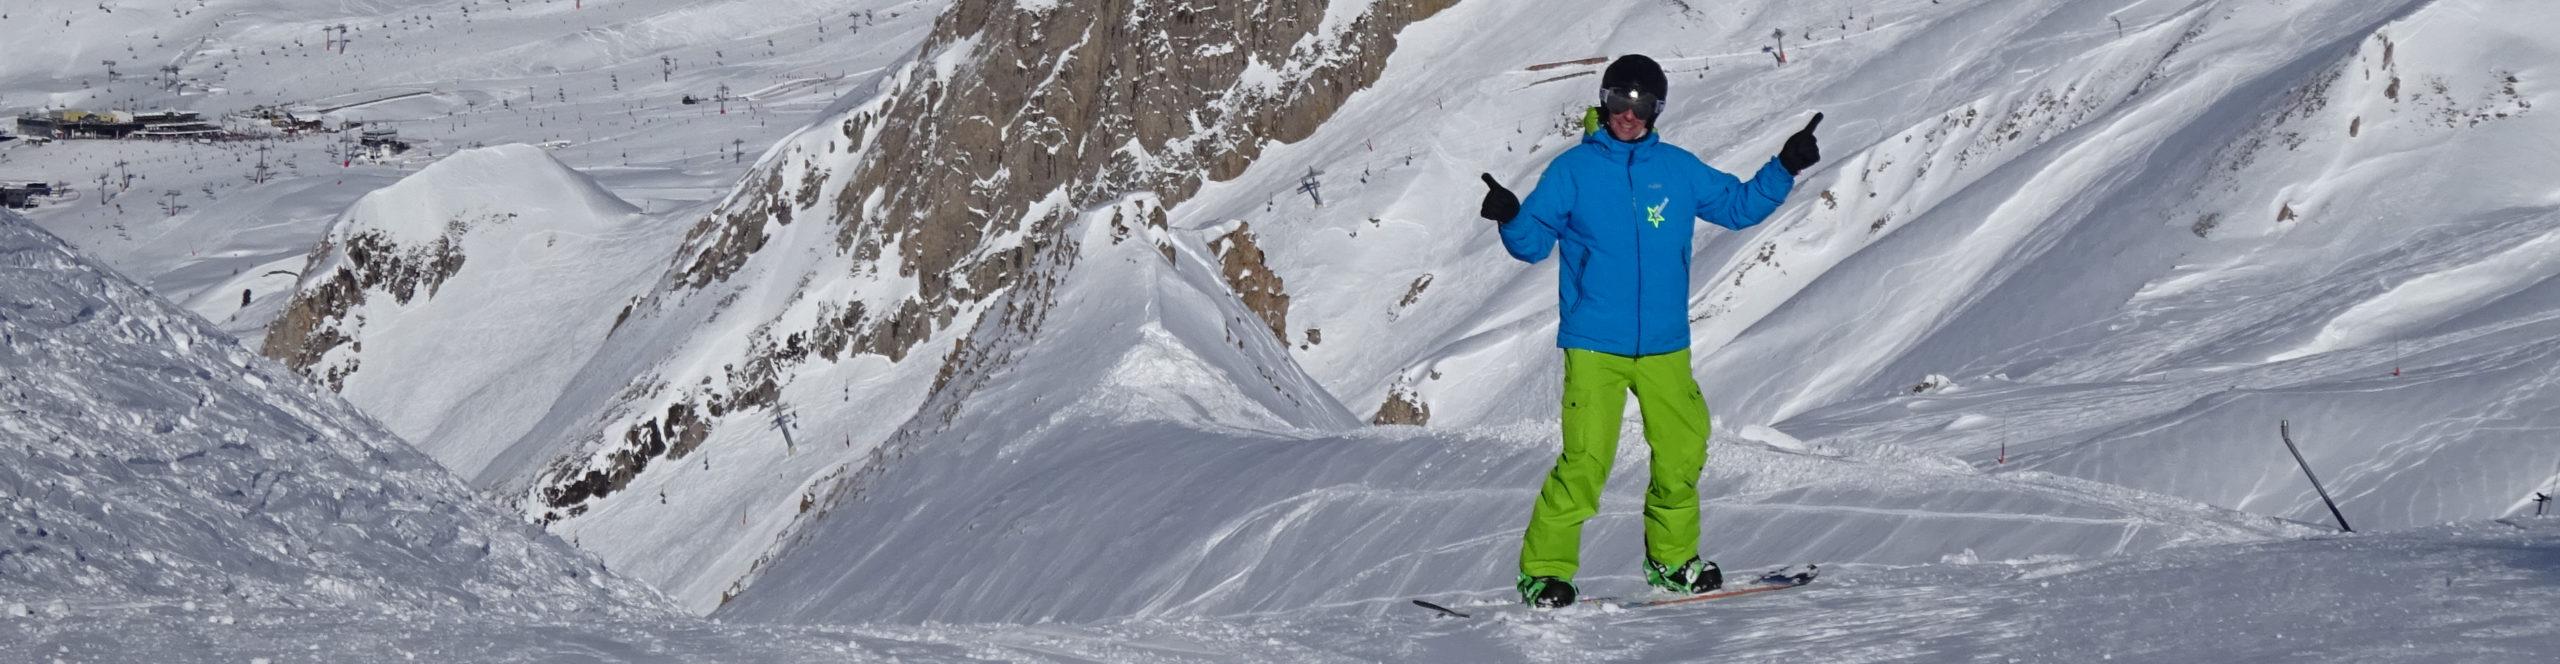 ISCHGL- SchneeSpaßTag – Tagesskireise ins Schneeparadies an Ostern